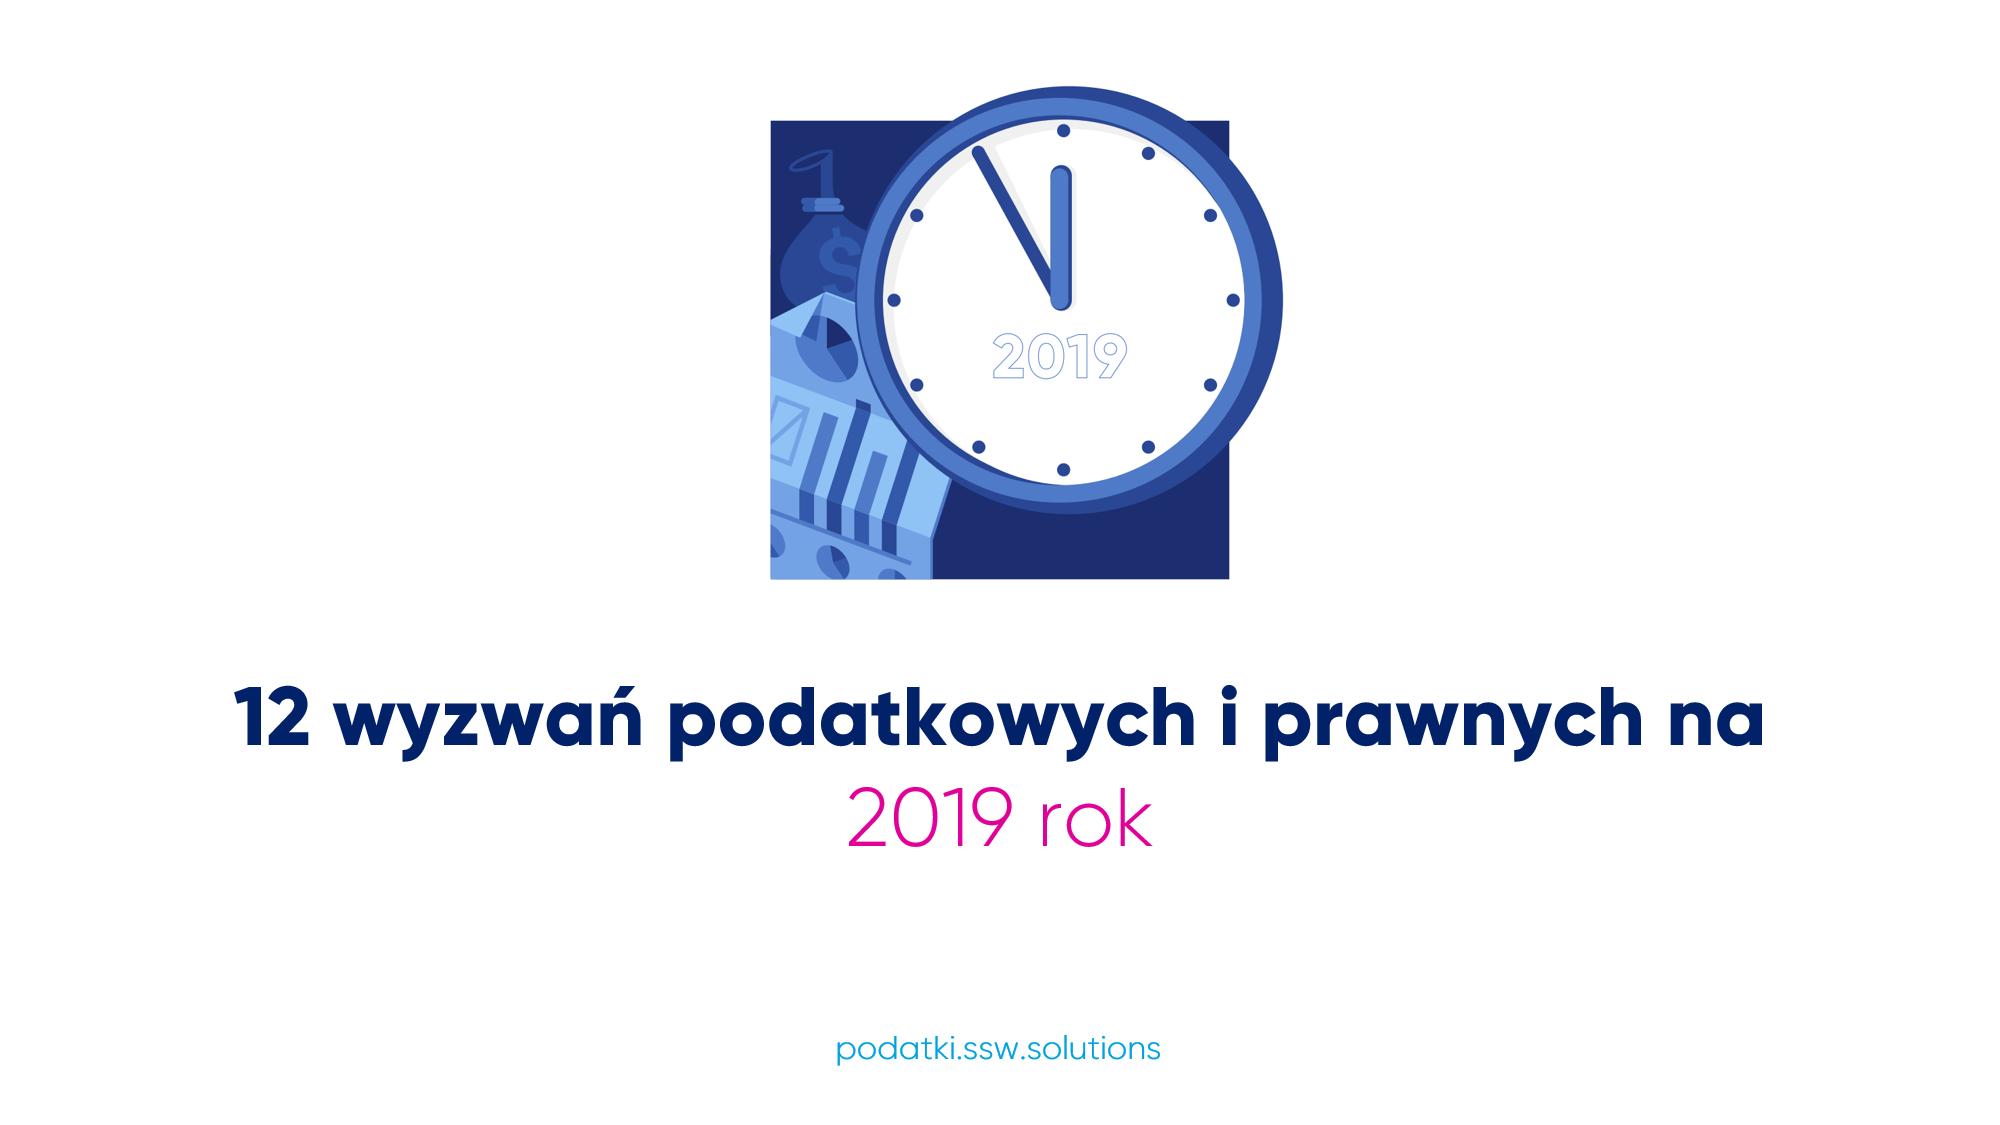 Wyzwania podatkowe i prawne na 2019 rok